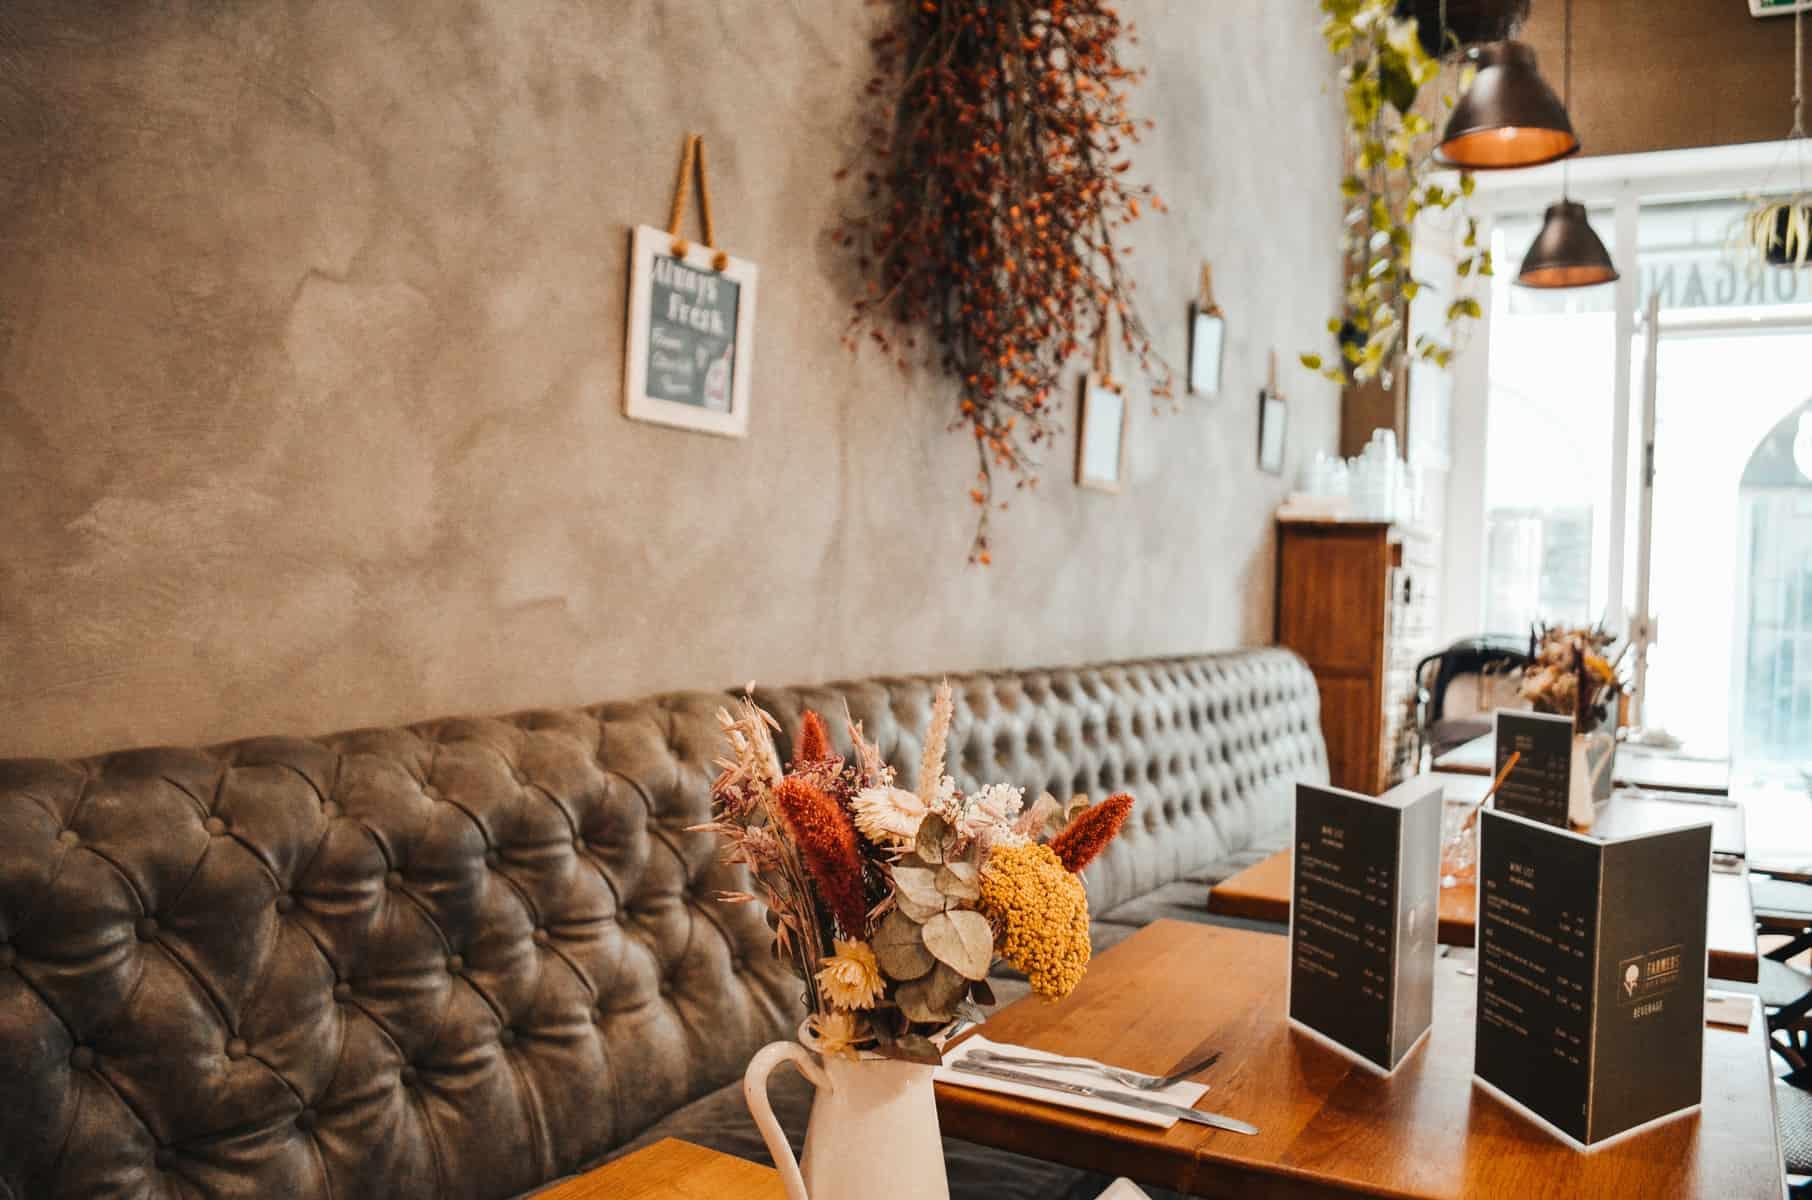 KINDERFREUNDLICHES CAFÉ MIT BIOPRODUKTEN IN NIMES